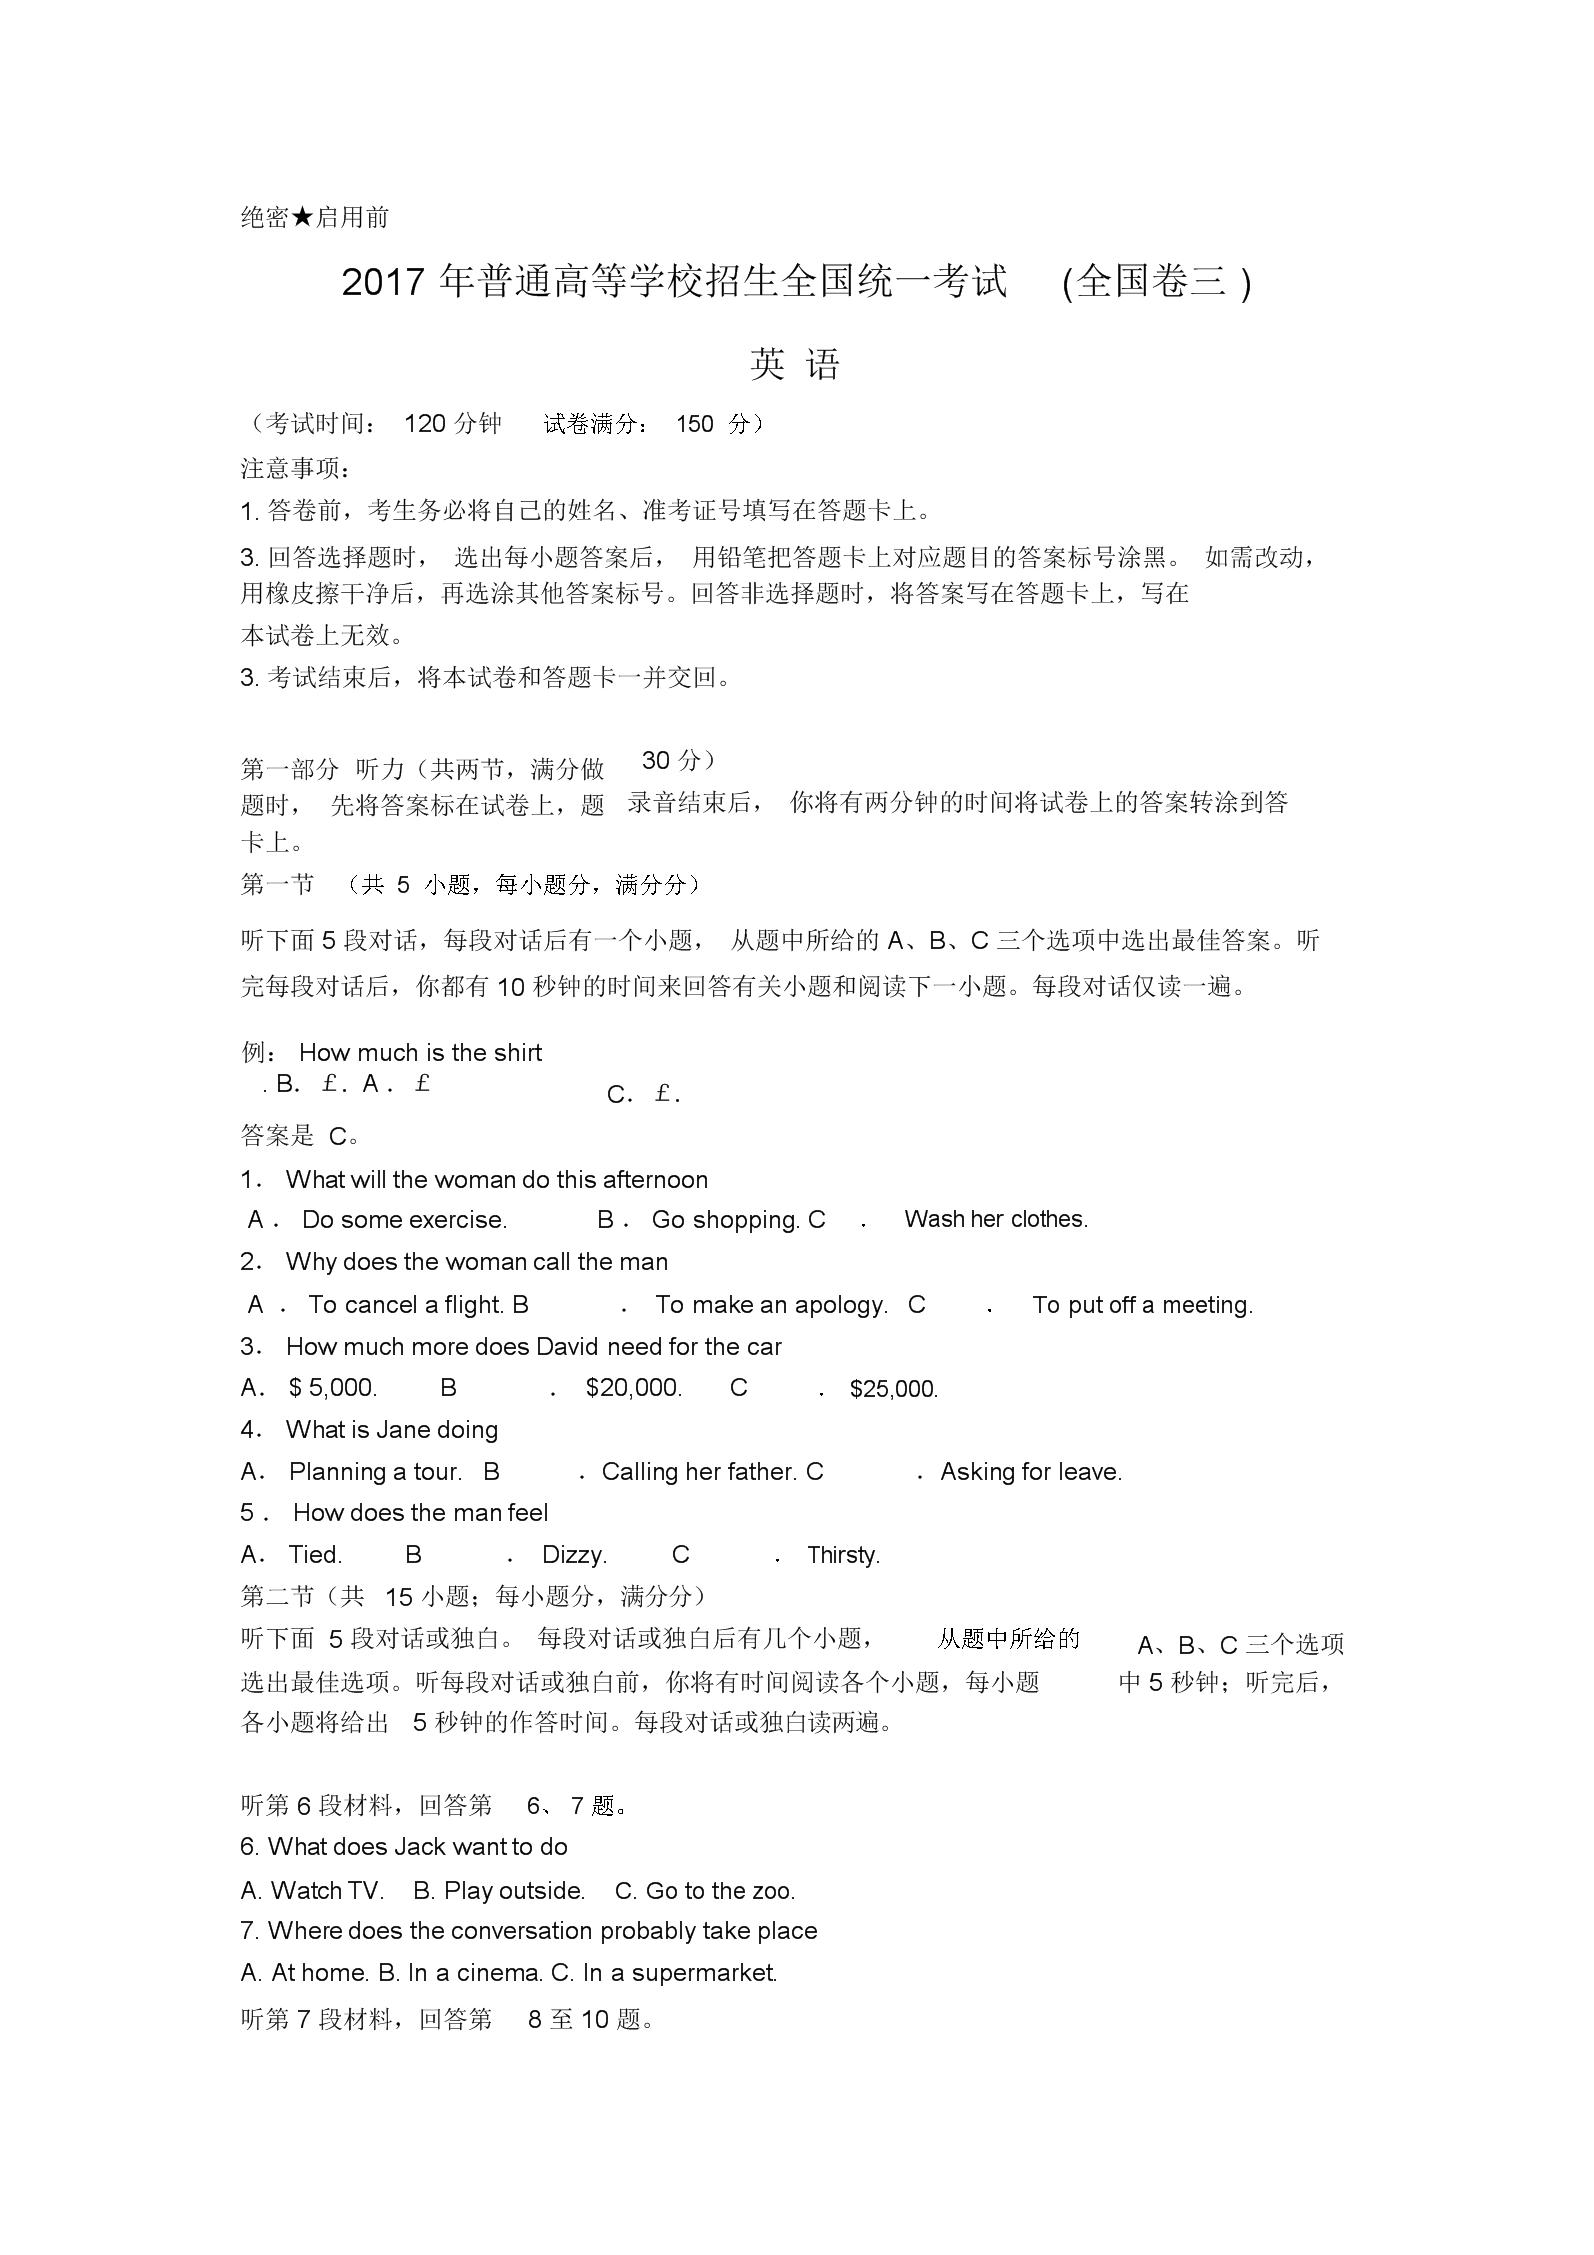 高考英语全国卷三试题及答案.docx